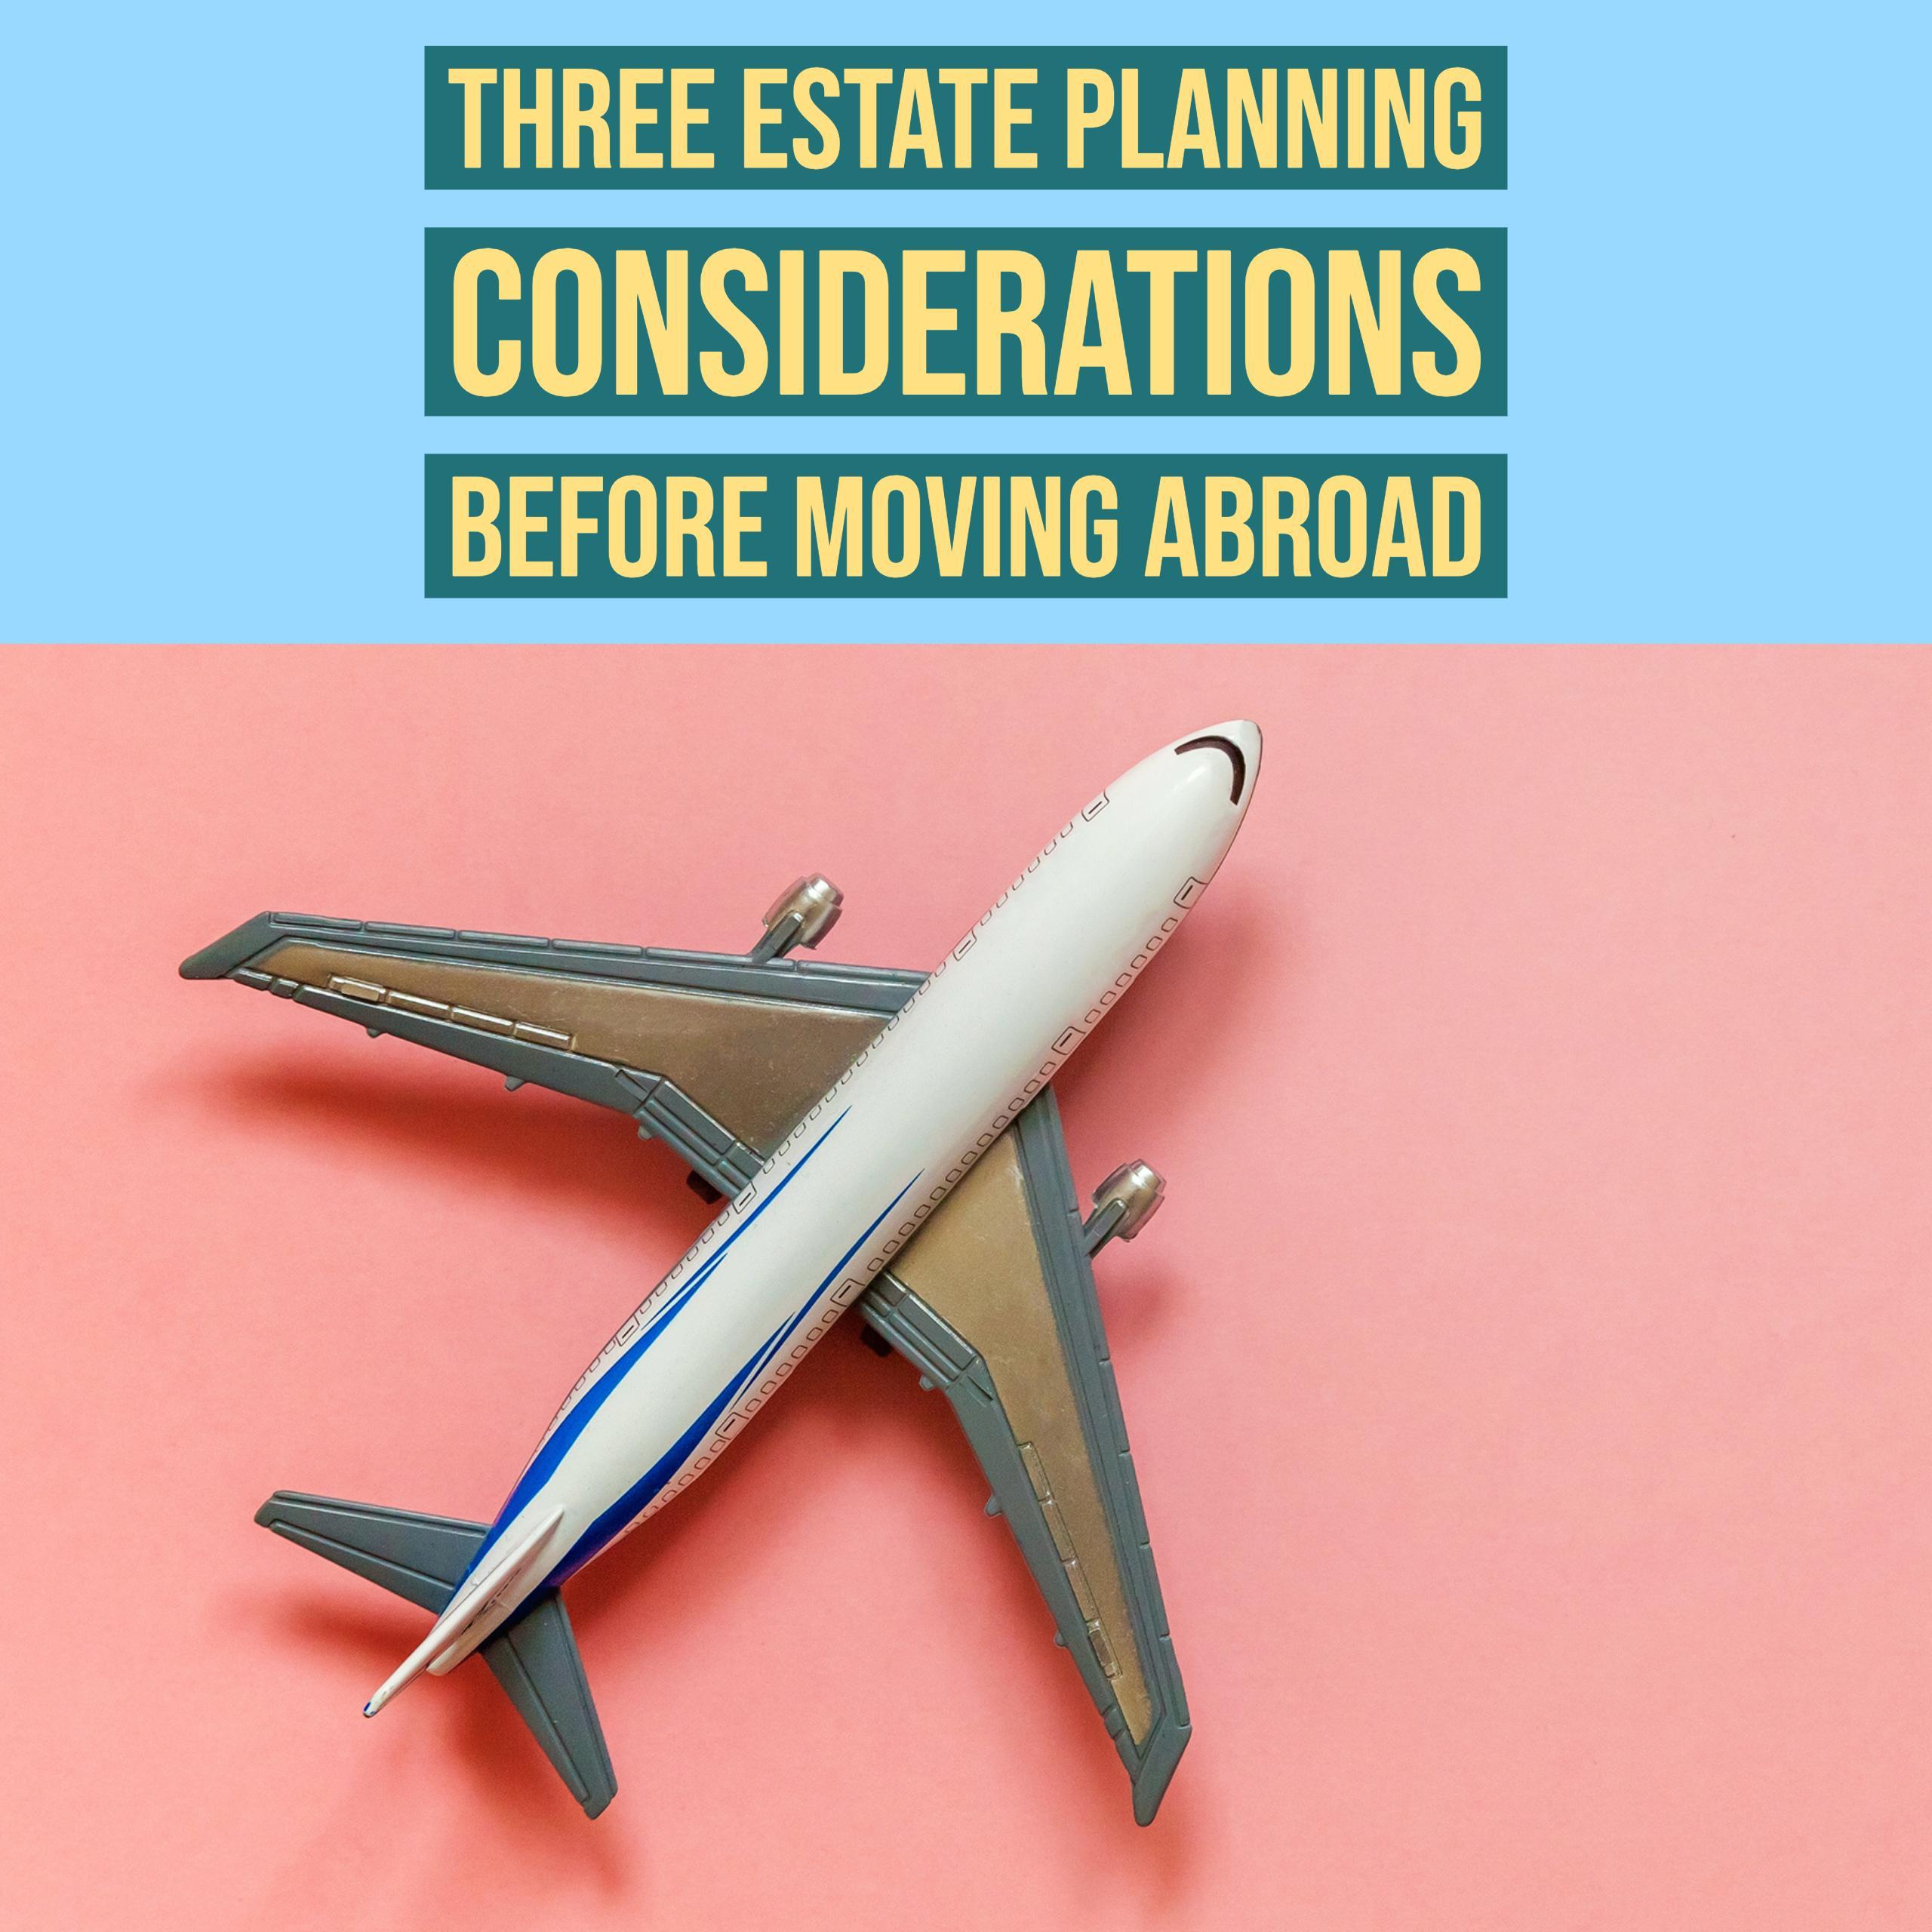 three estate planning considerations